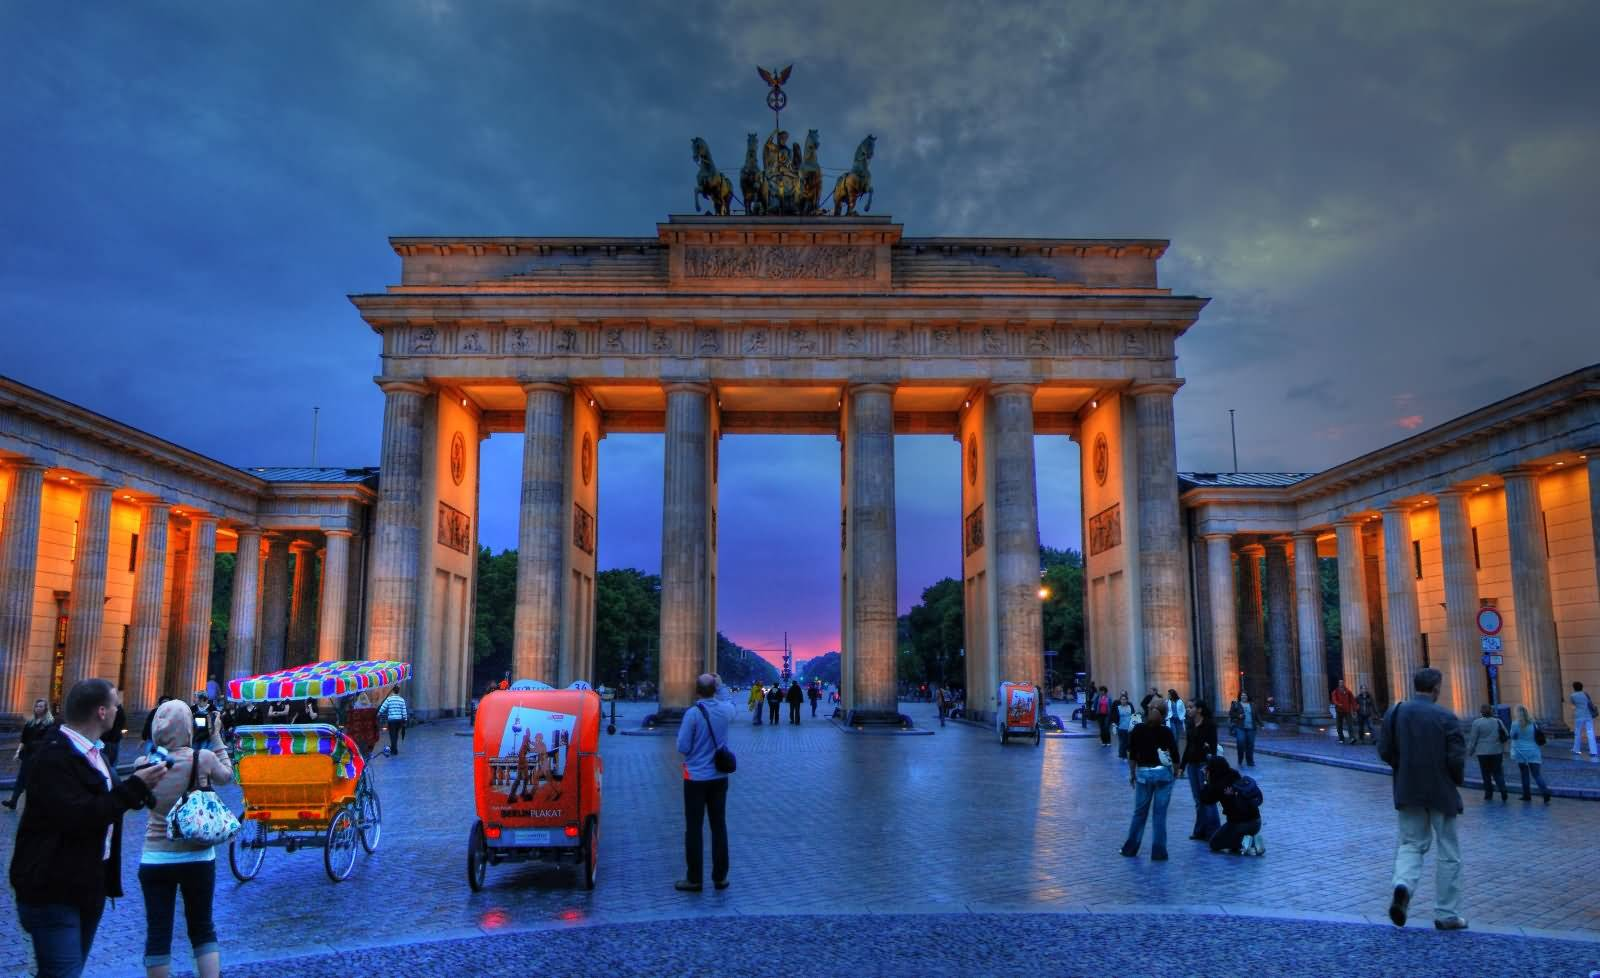 Бранденбургские ворота в берлине: история ворот, архитектура  и значение в истории германии